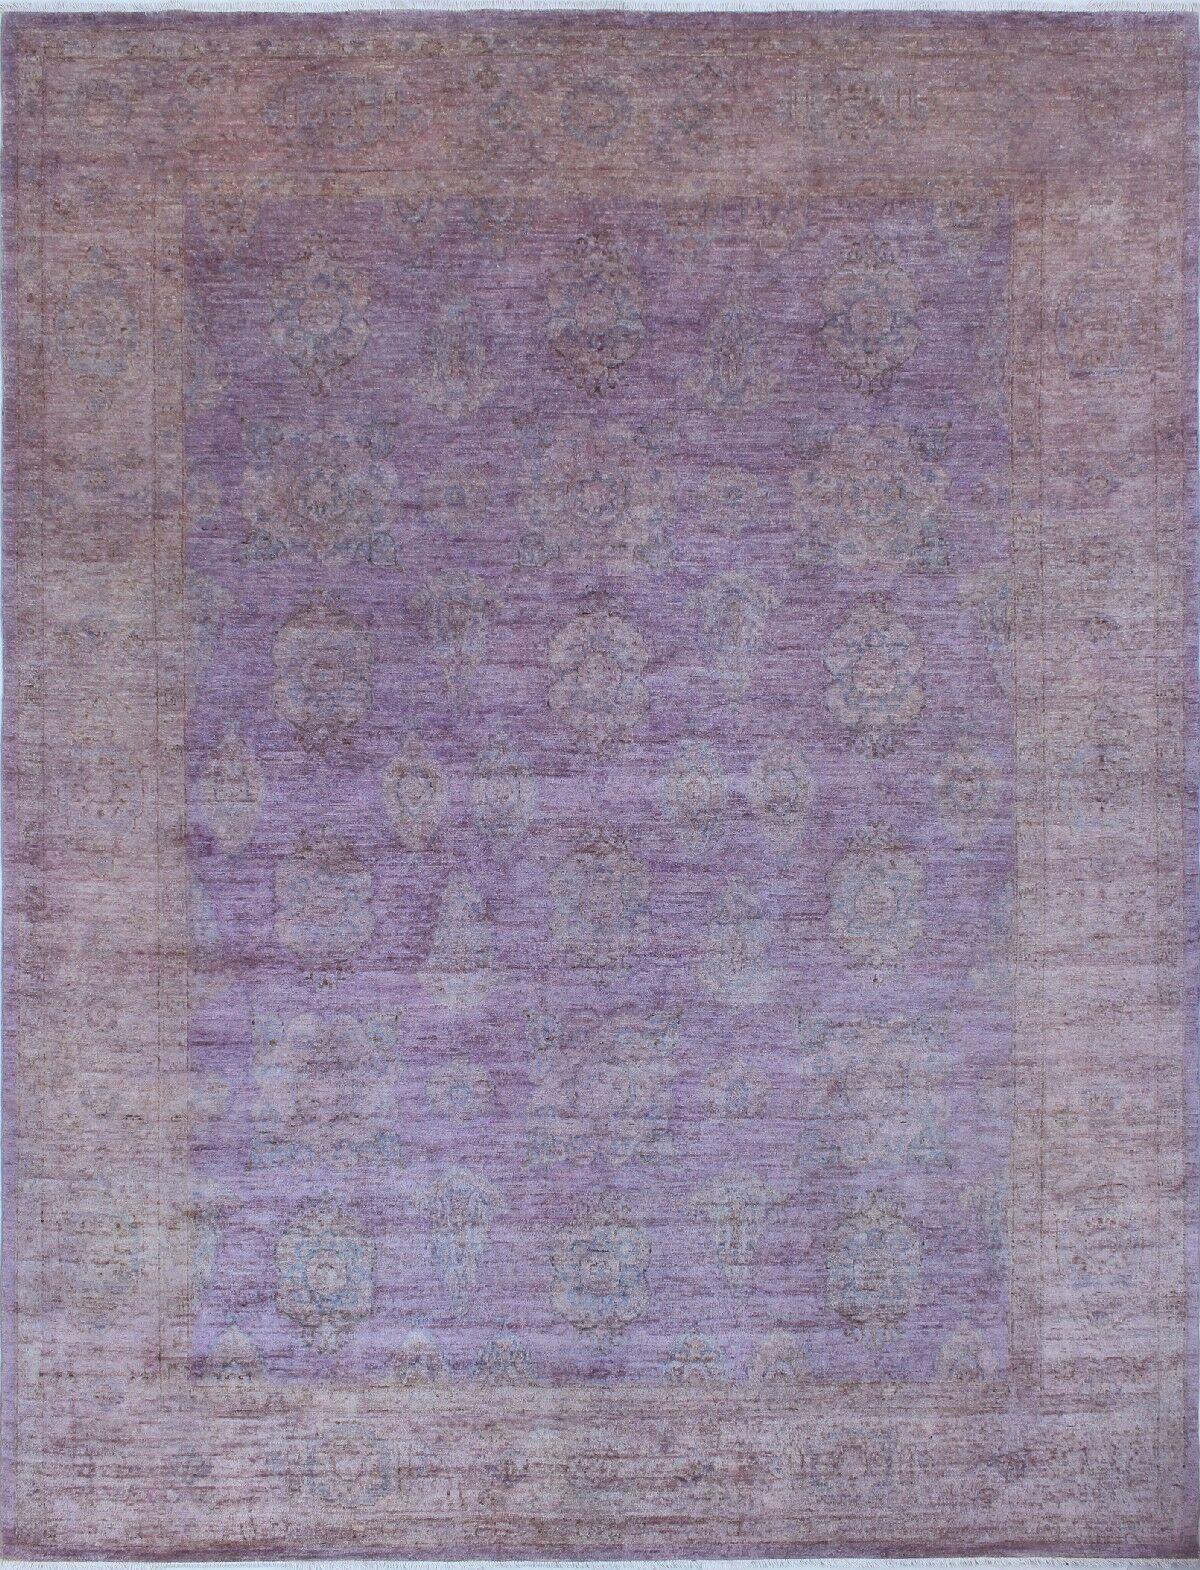 Blakeslee Knotted Wool Purple Area Rug